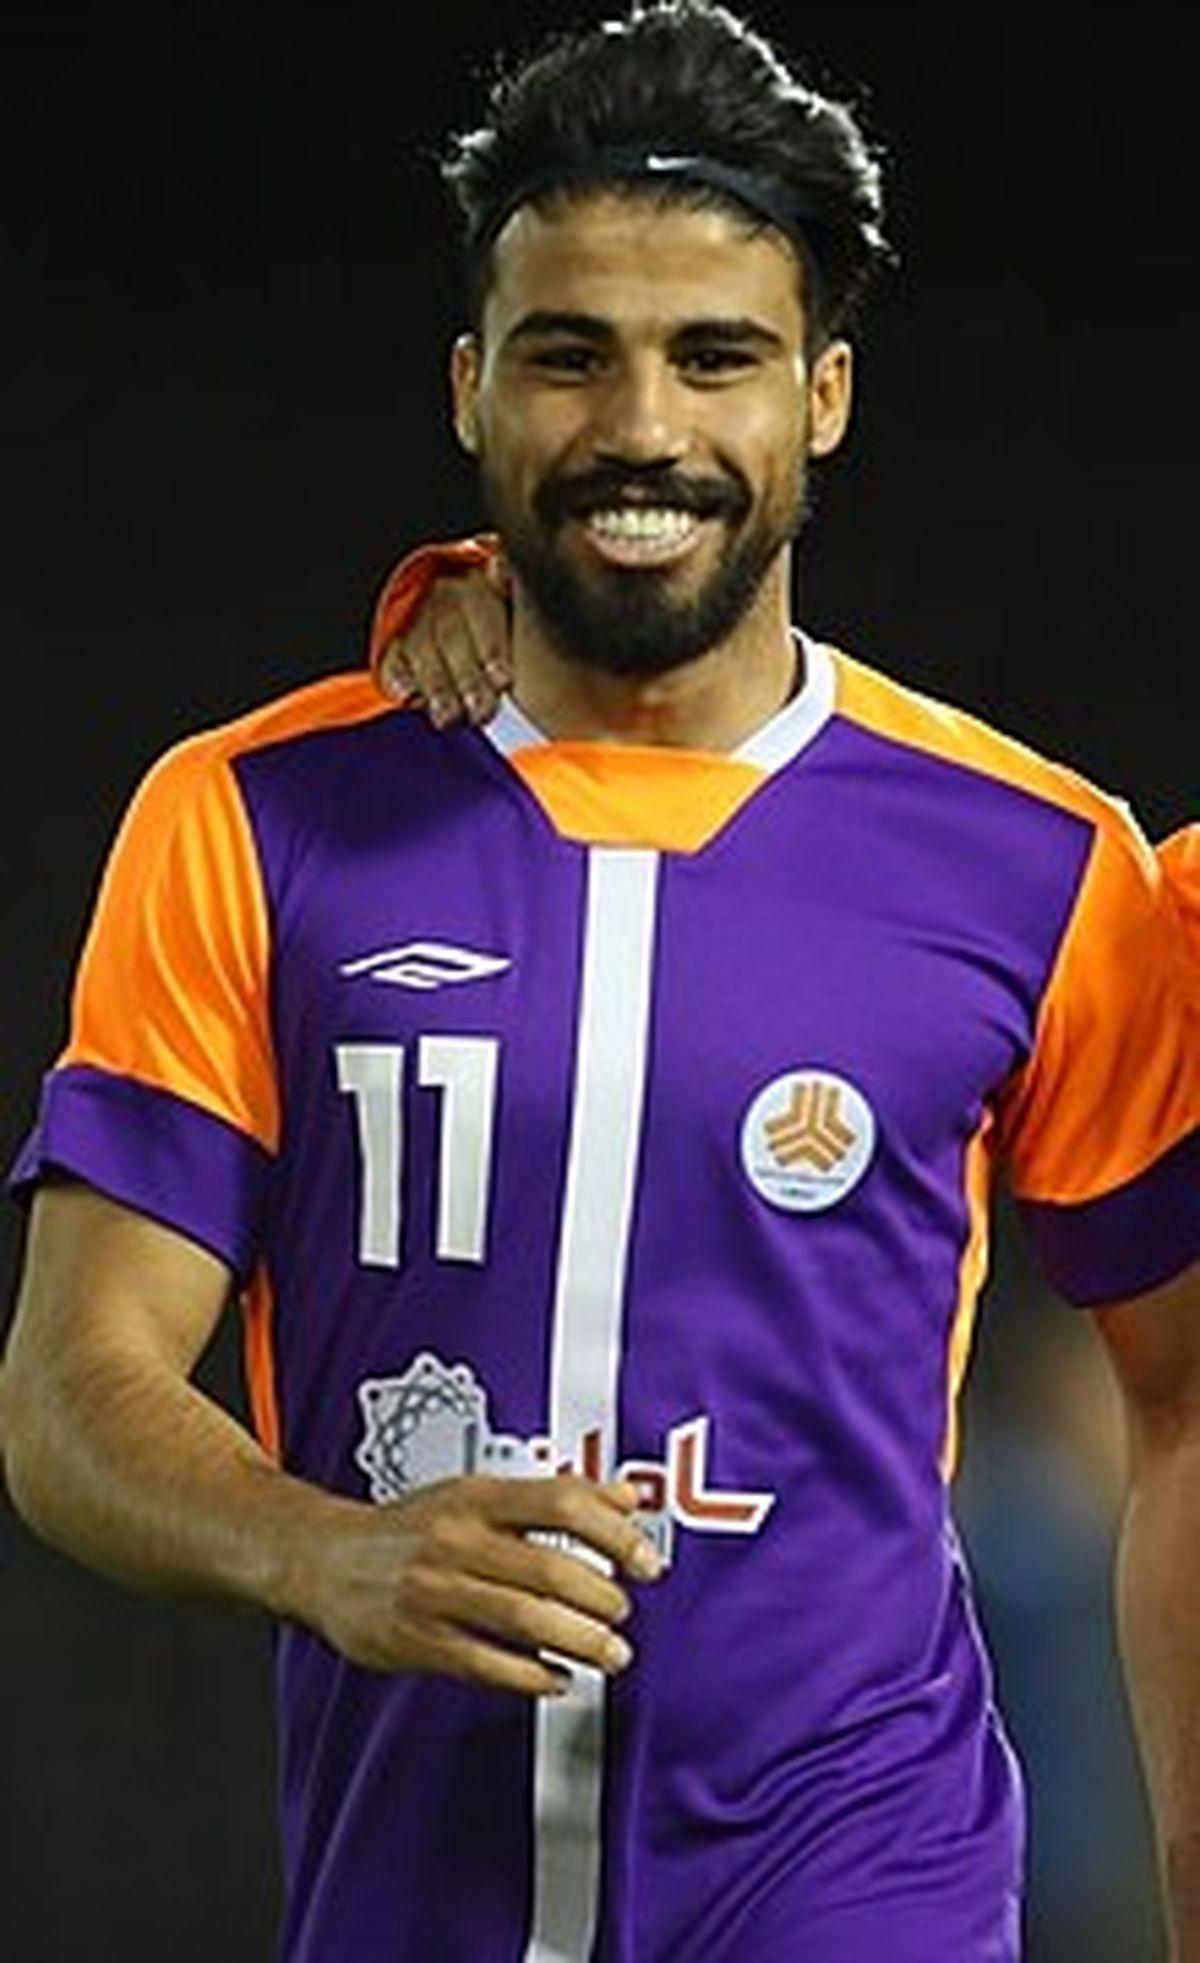 چالش دیدنی فوتبالیست معروف علی دشتی و همسرش +عکس دیده نشده